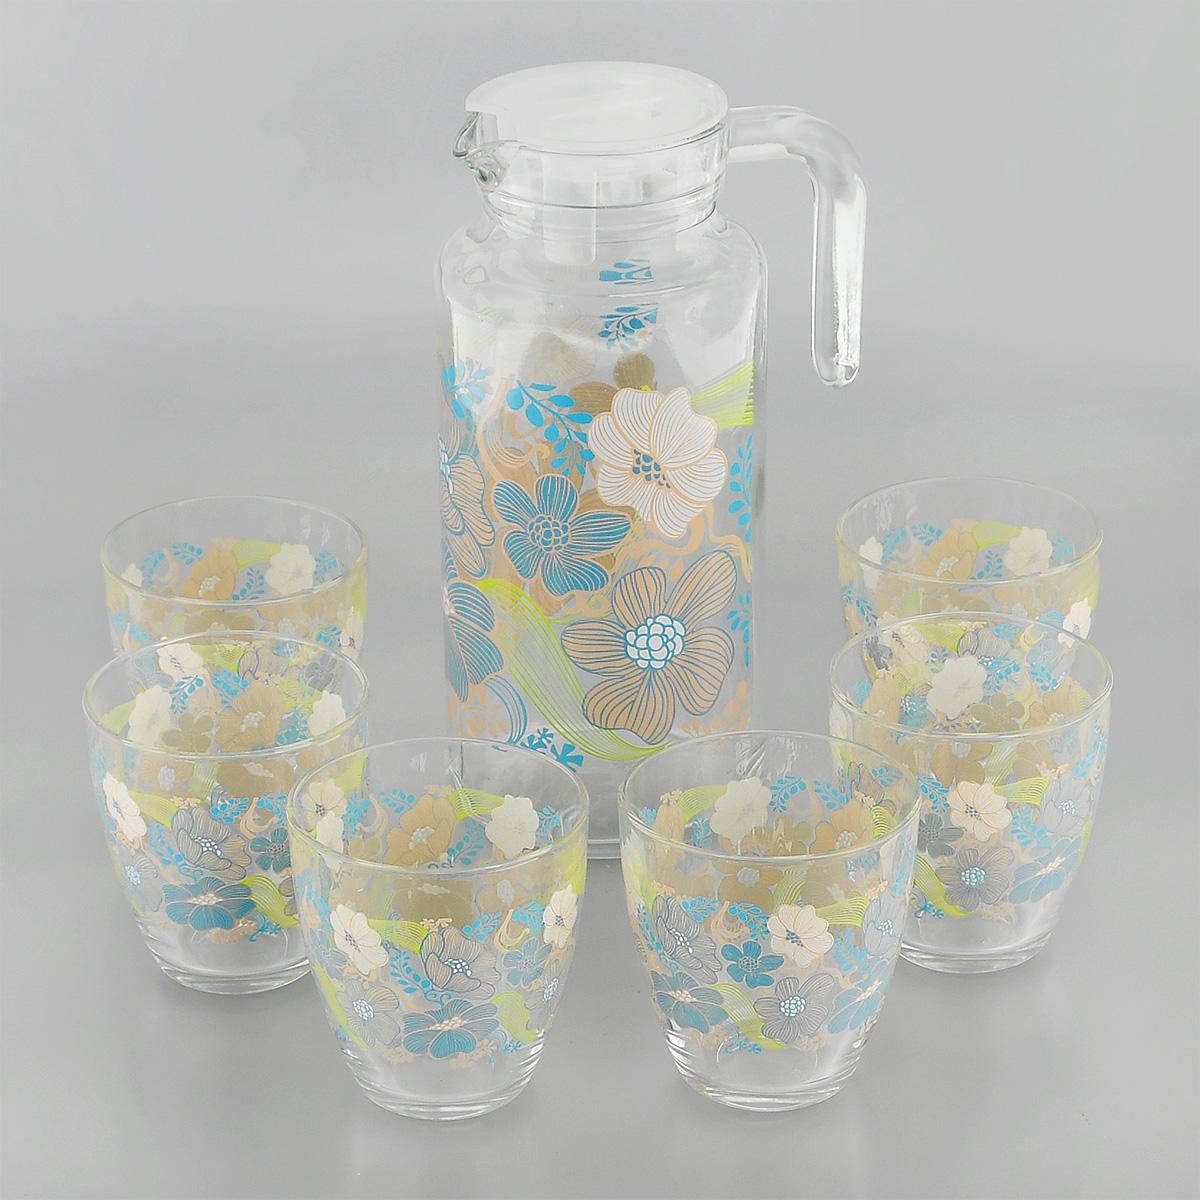 Набор для воды Pasabahce Workshop Blue Dream, 7 предметов1193703_голубойНабор Pasabahce Workshop Blue Dream состоит из шести стаканов и кувшина, выполненных из прочного натрий-кальций-силикатного стекла. Предметы набора, декорированные цветочным рисунком, предназначены для воды, сока и других напитков. Кувшин снабжен пластиковой, плотно закрывающейся крышкой. Изделия сочетают в себе элегантный дизайн и функциональность. Благодаря такому набору пить напитки будет еще вкуснее.Набор для воды Pasabahce Workshop Blue Dream прекрасно оформит праздничный стол и создаст приятную атмосферу. Такой набор также станет хорошим подарком к любому случаю. Можно мыть в посудомоечной машине и использовать в микроволновой печи.Объем кувшина: 1,3 л. Диаметр кувшина (по верхнему краю): 7,5 см. Высота кувшина (без учета крышки): 22,5 см. Объем стакана: 285 мл. Диаметр стакана (по верхнему краю): 8 см. Высота стакана: 9 см.